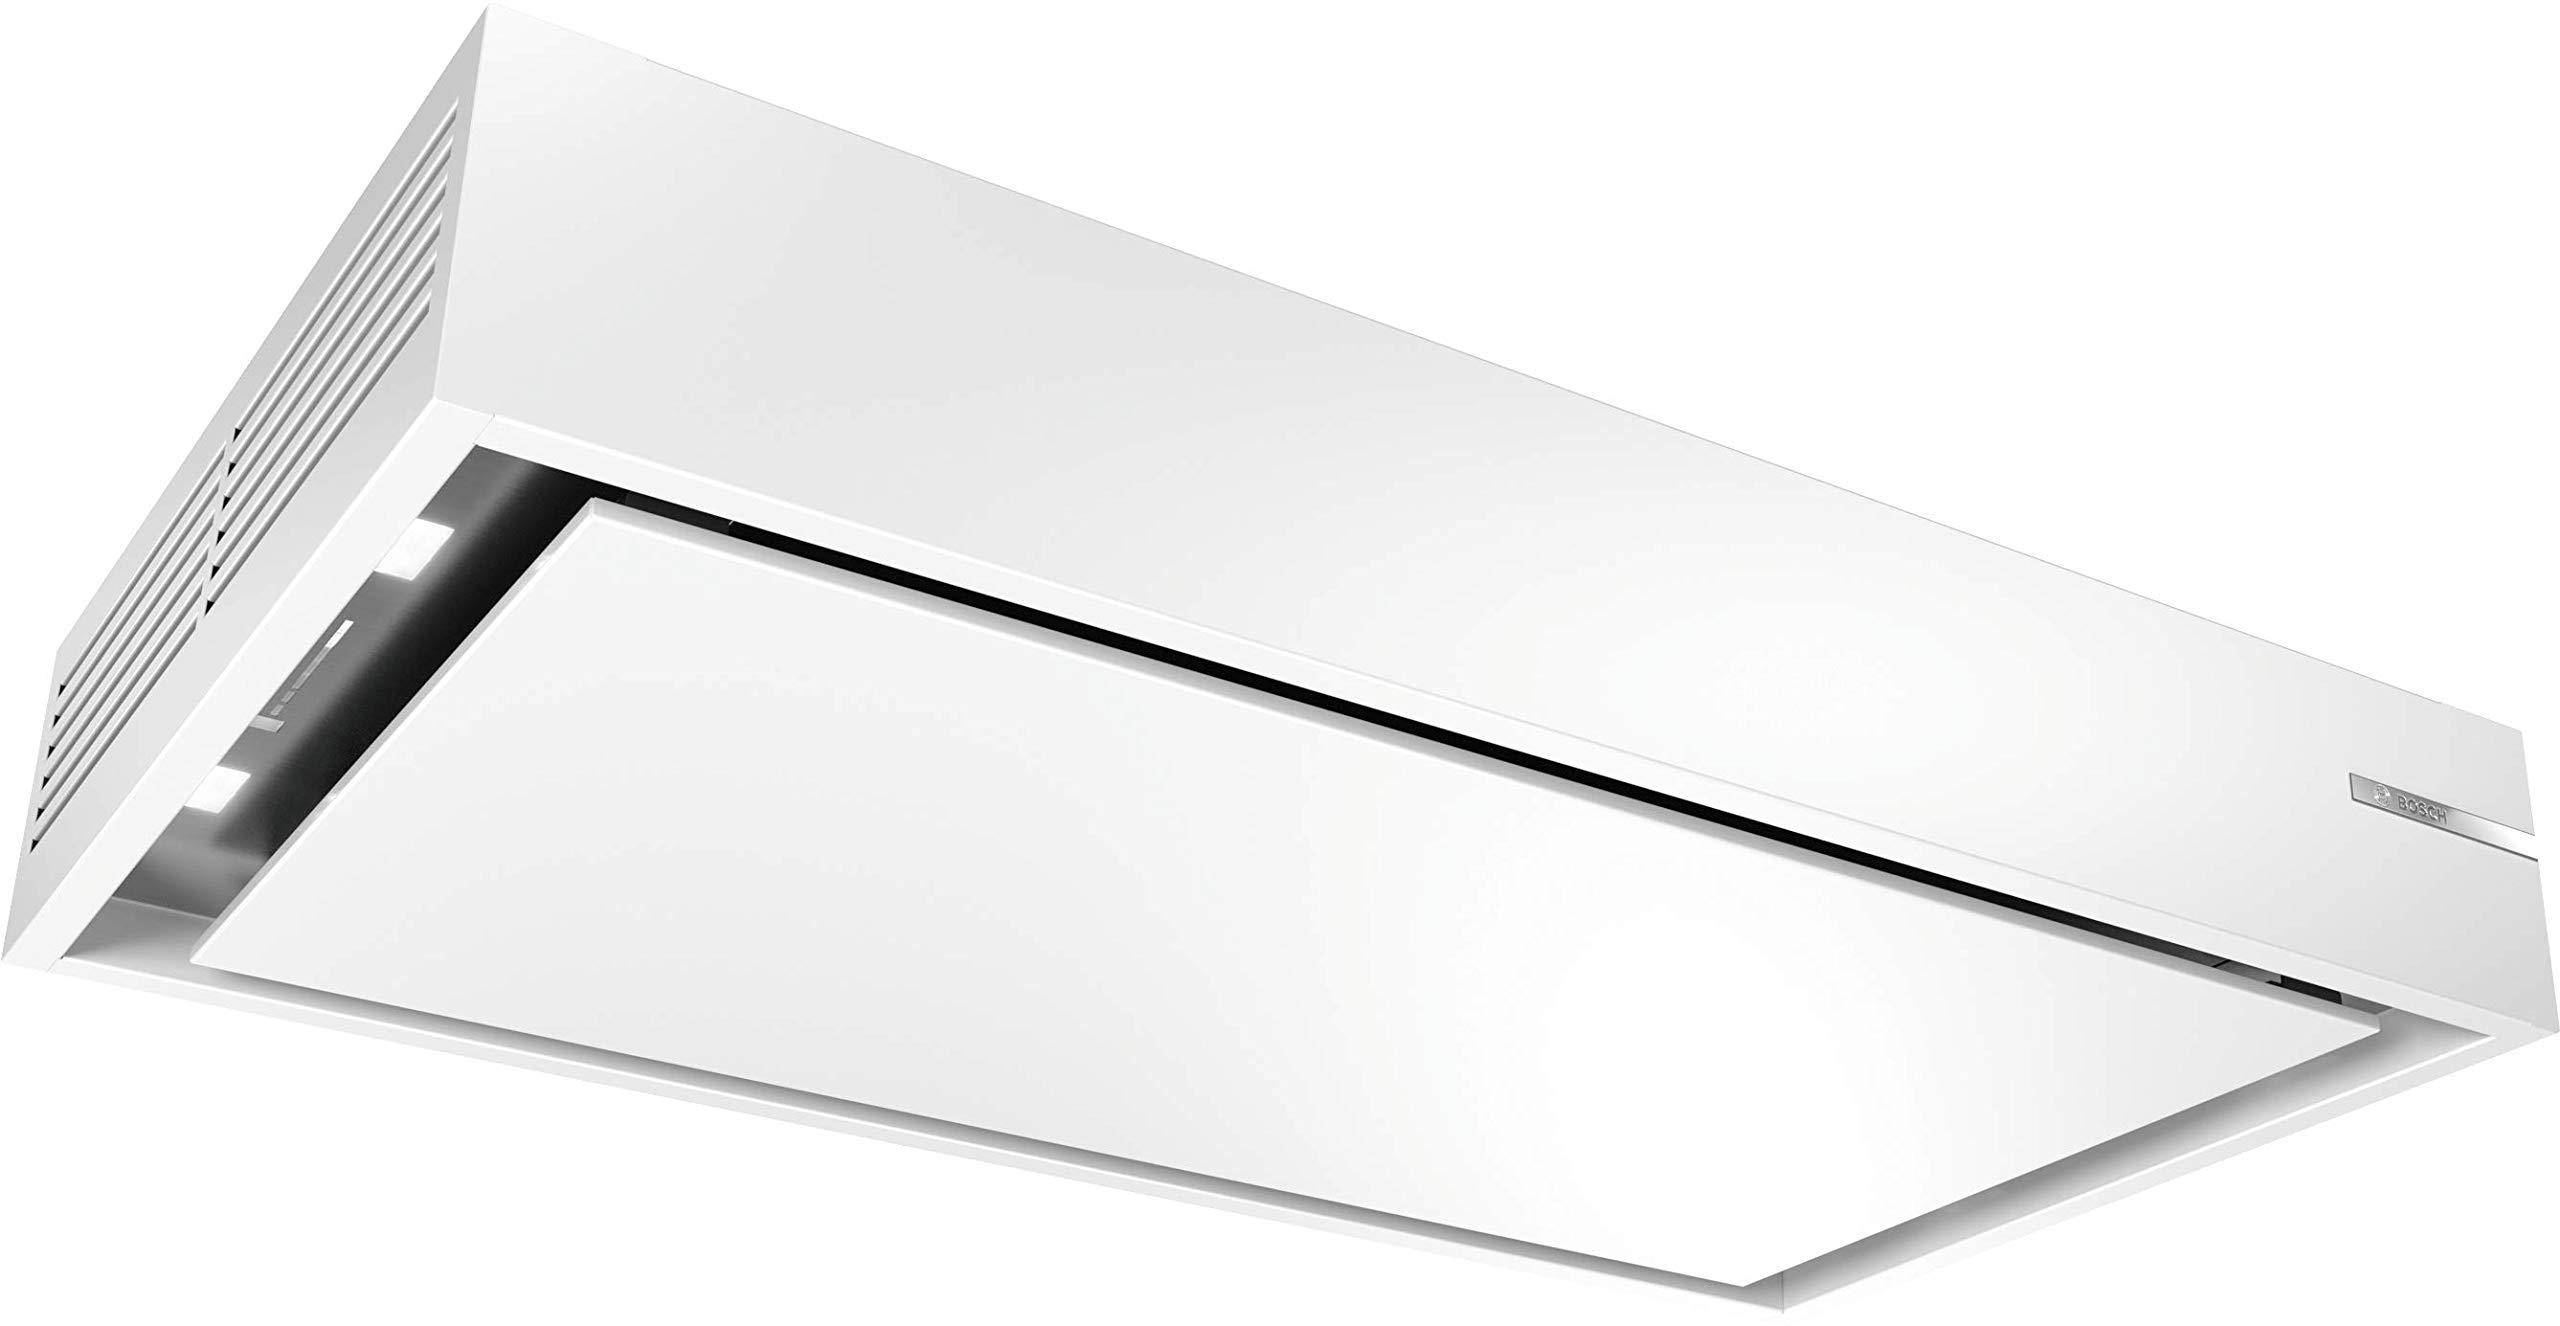 Bosch DRR16AQ20 Serie 6 - Ventilador de techo (100 cm, funcionamiento de recirculación, control de campana basado en fuegos, HomeConnect), color blanco: Amazon.es: Grandes electrodomésticos